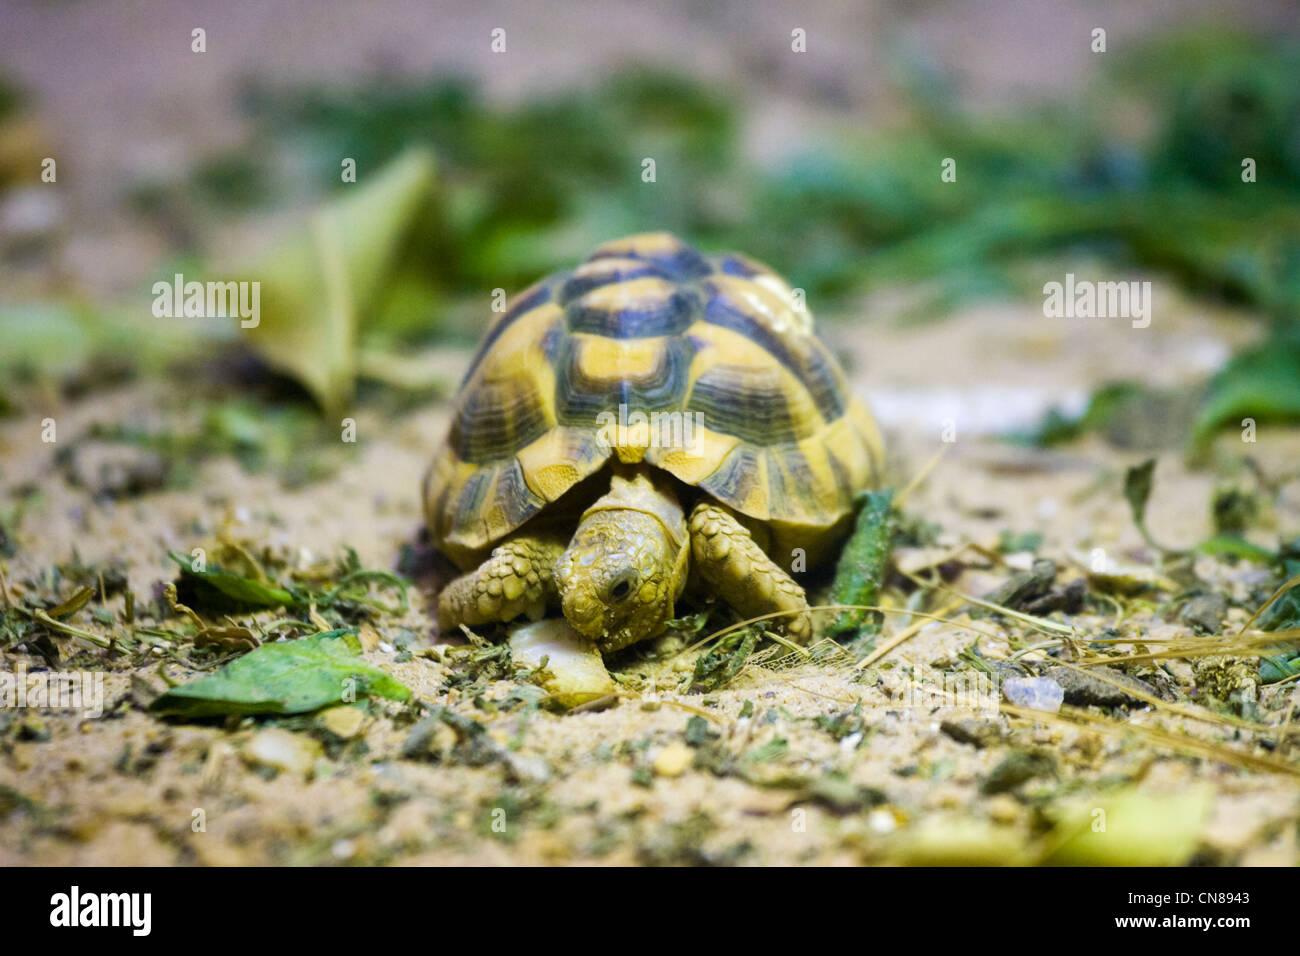 Ägyptische landschildkröte kaufen